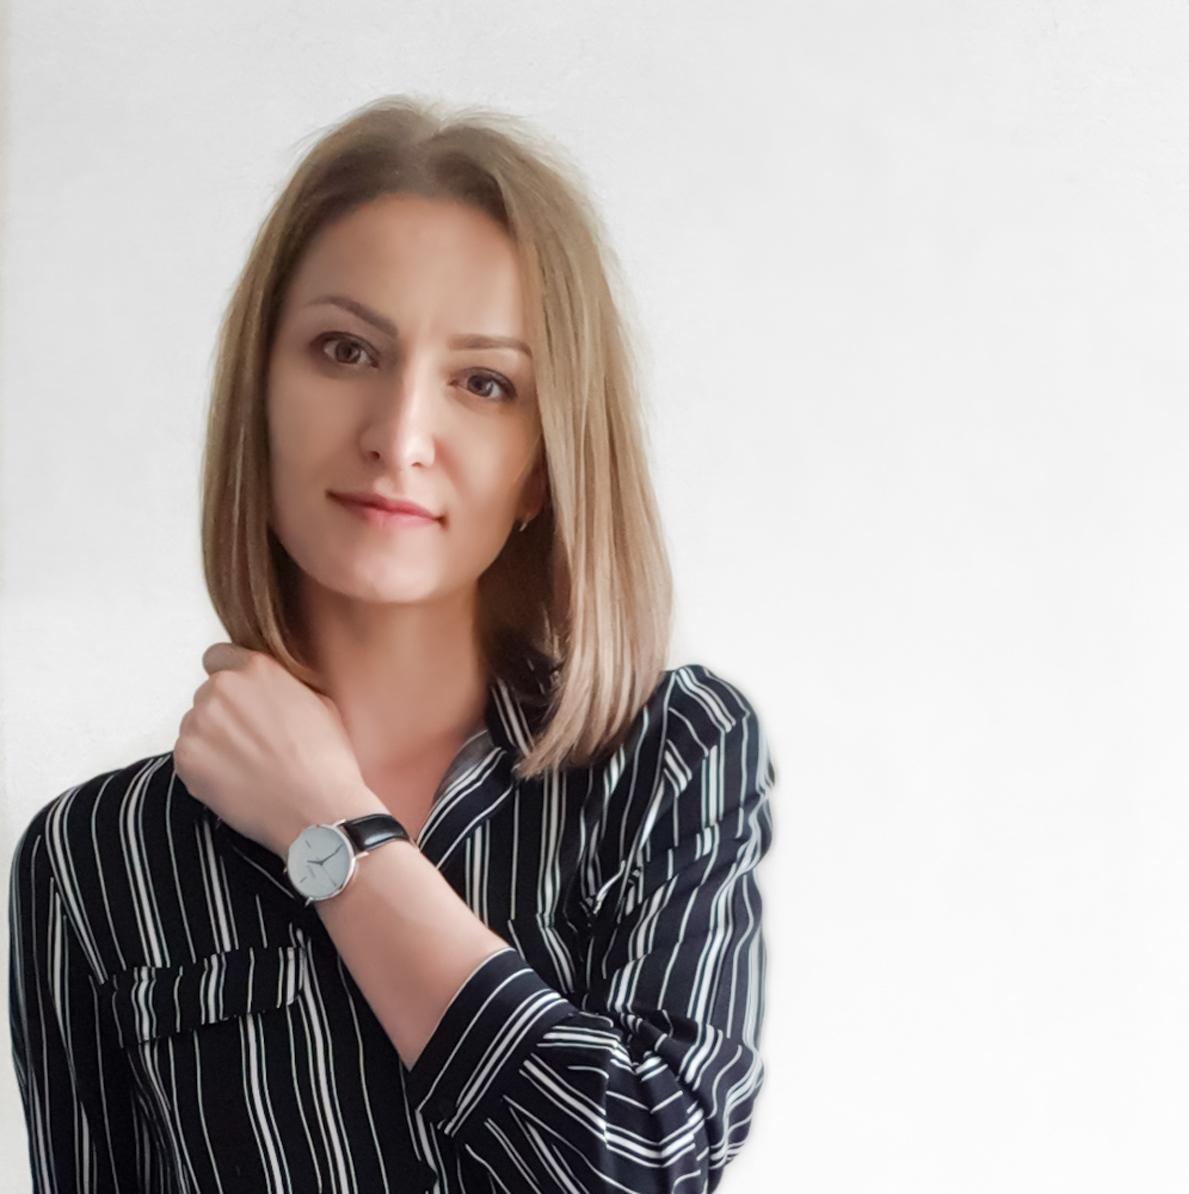 Юлия Пузаковаорганизатор пространства в Хабаровске